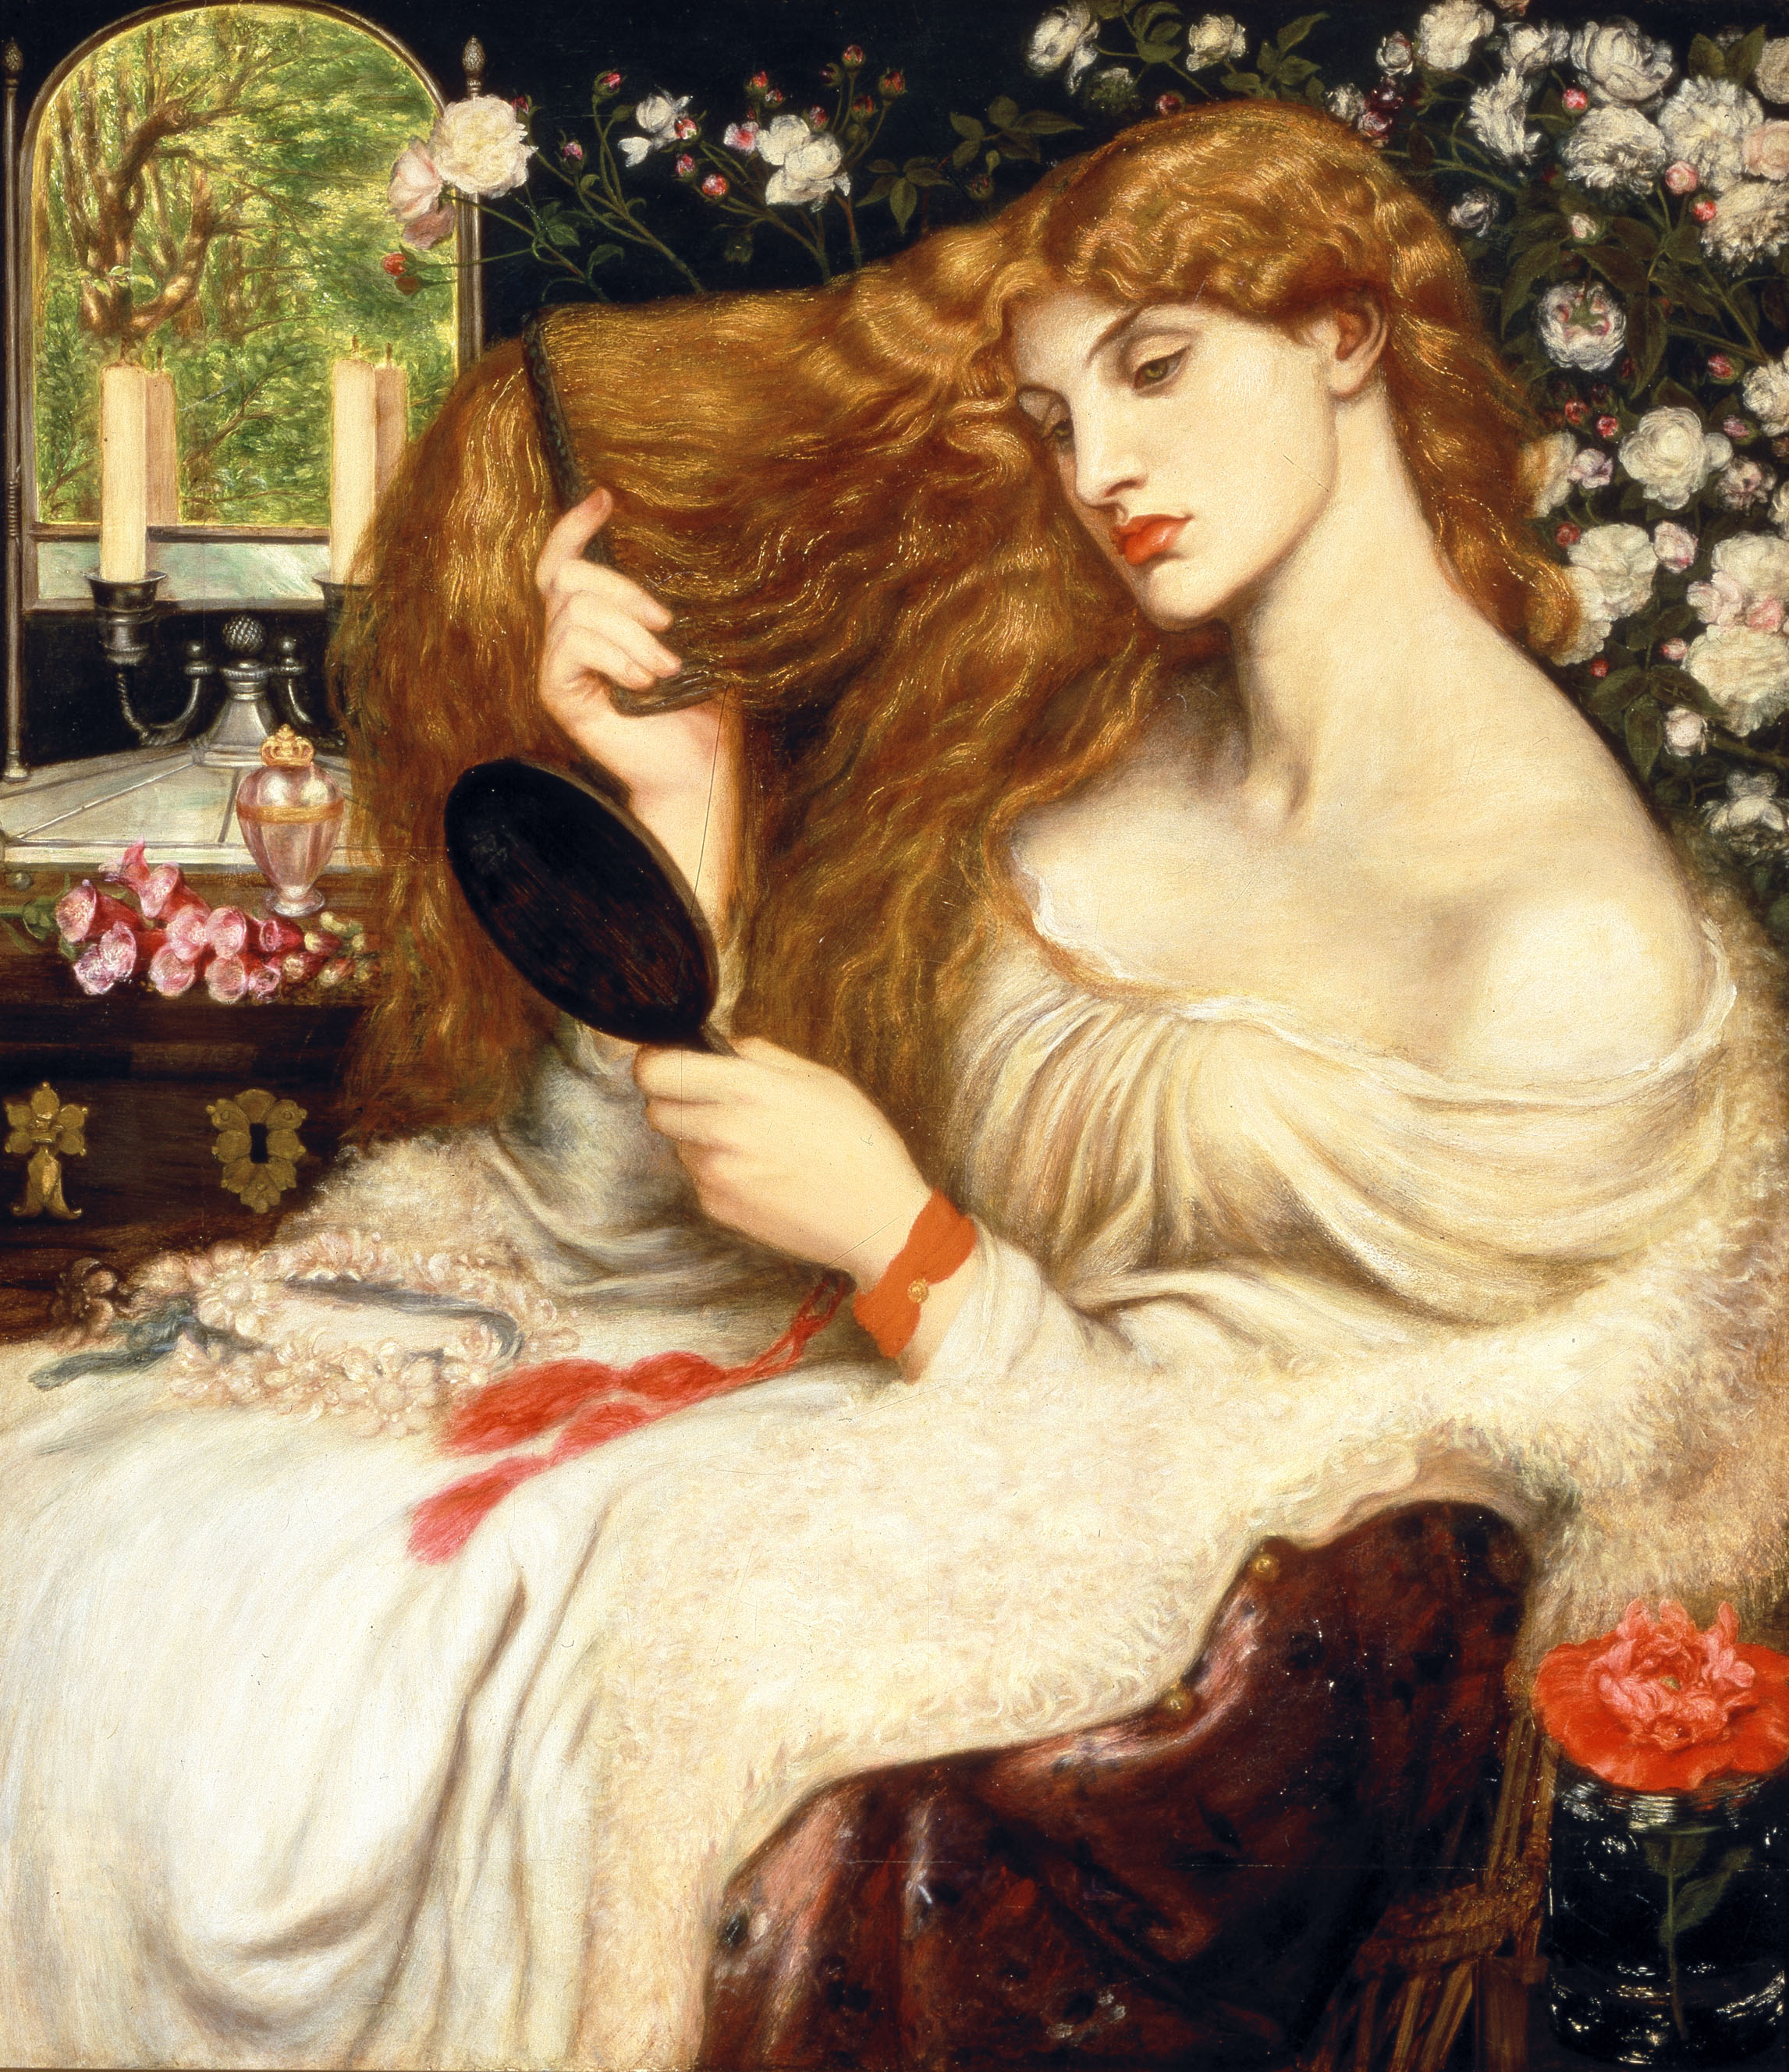 图片:Lilith夫人由前raphaelite Dante Gabriel Rossetti。图片来源:Dante Gabriel Rossetti ...